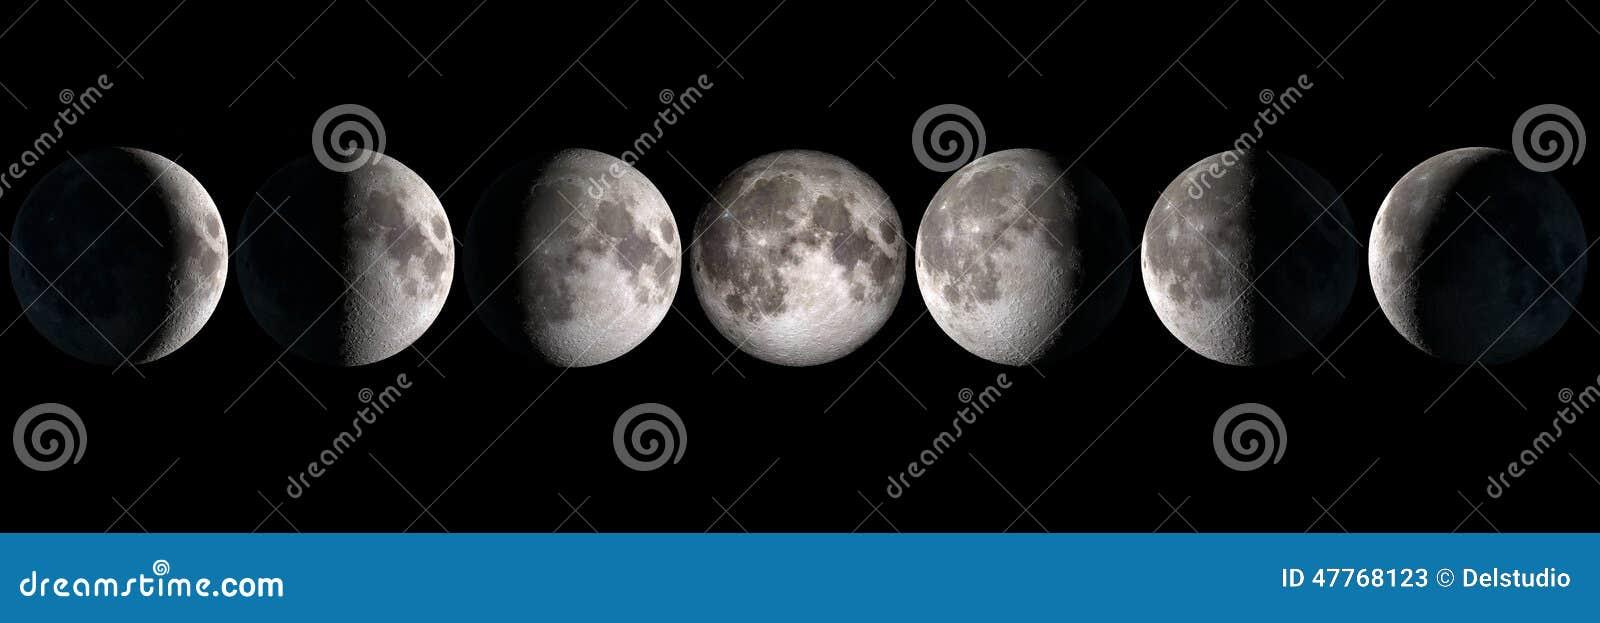 De collage van maanfasen